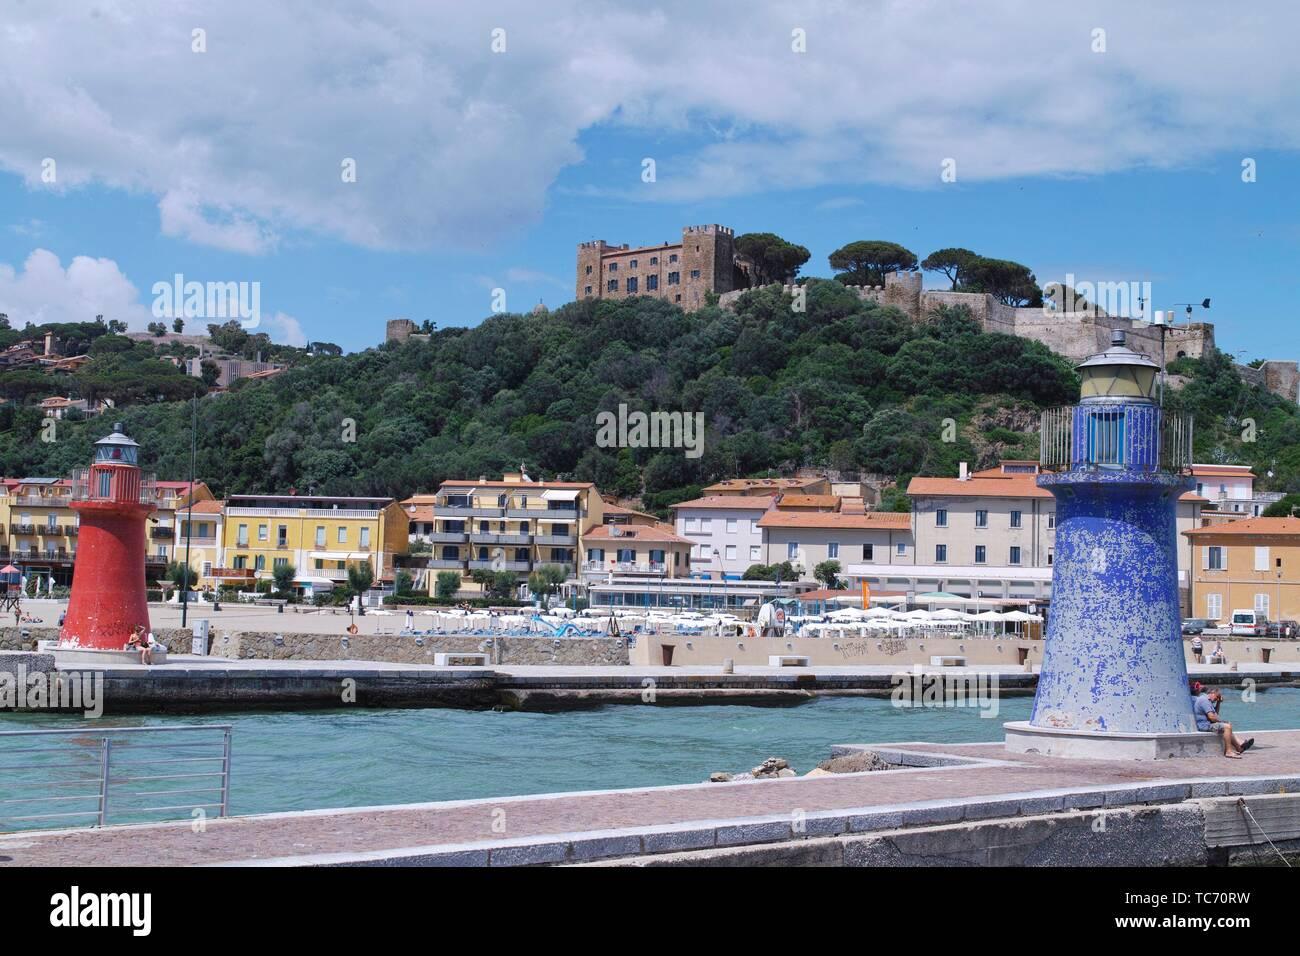 Castiglione della Pescaia, province of Grosseto, Tuscany, Italy - Stock Image